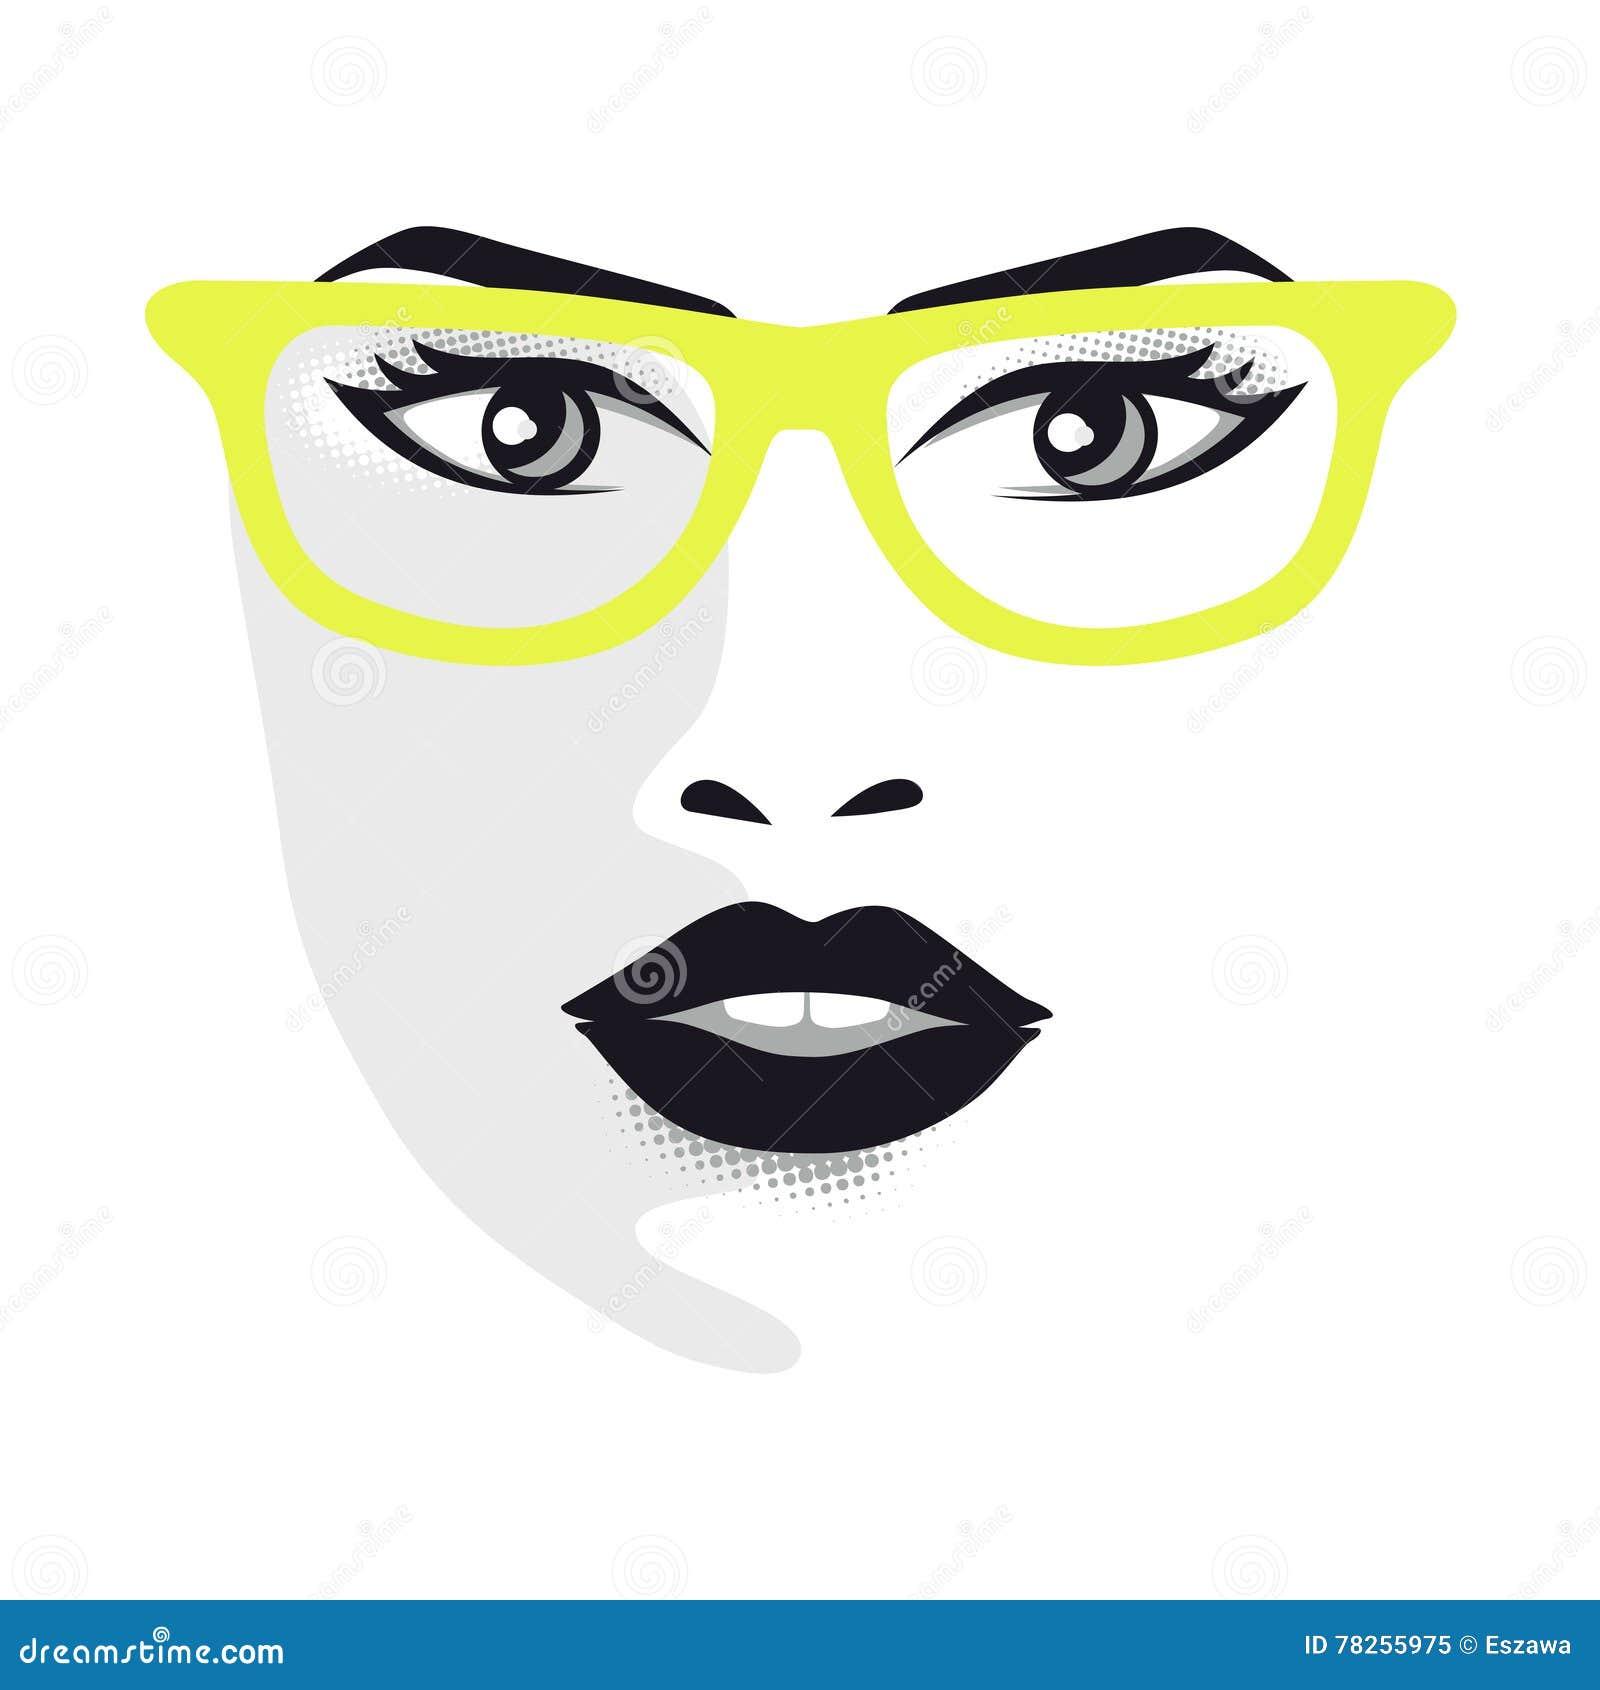 Πρόσωπο γυναικών με τα γυαλιά για τους σχεδιαστές - διανυσματική απεικόνιση γκρίζα